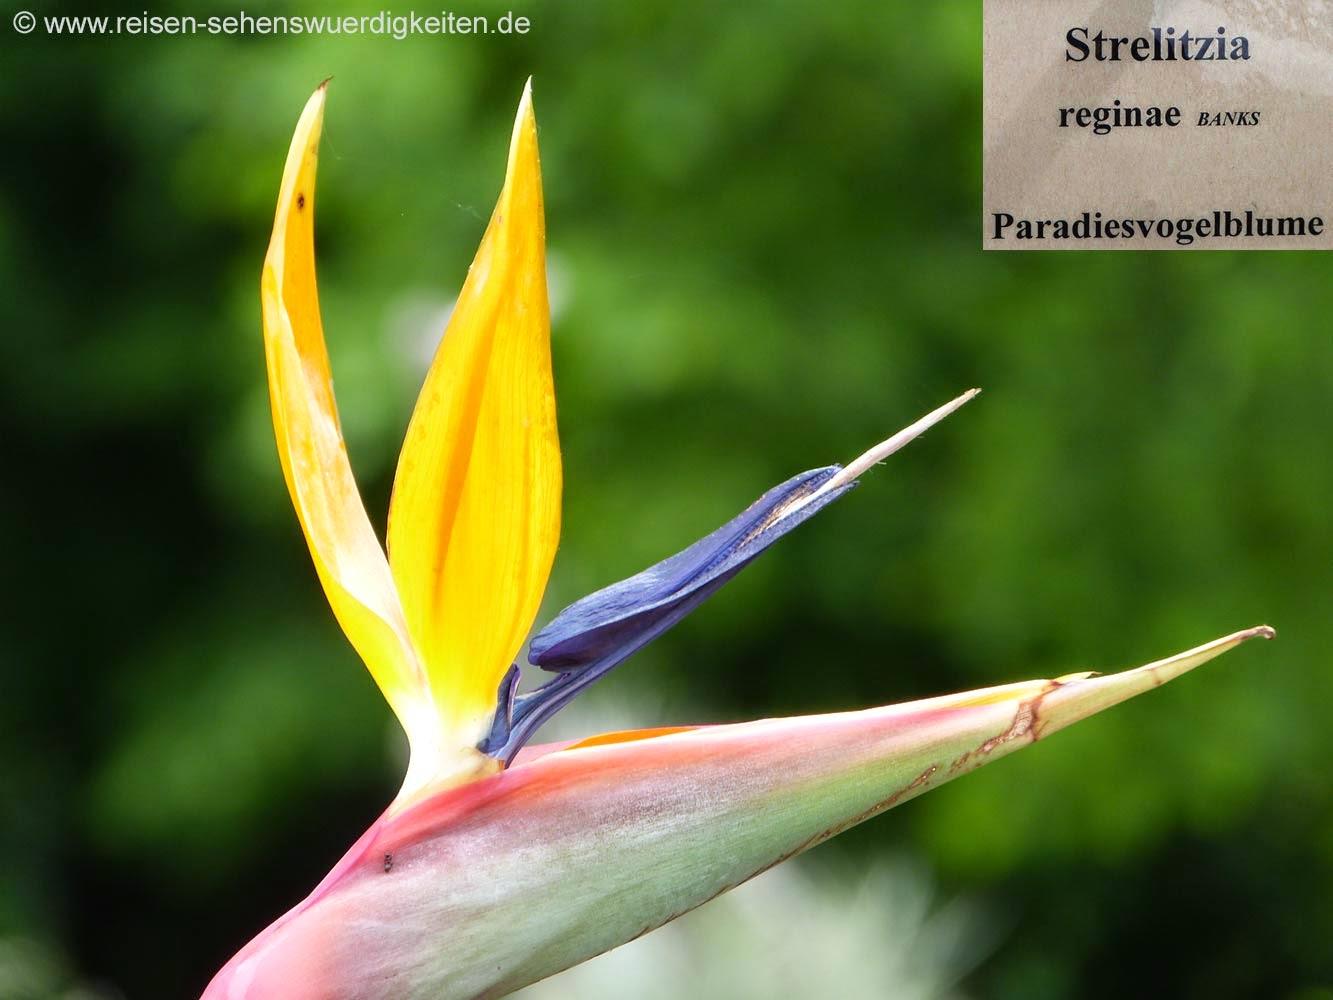 Paradiesvogelblume im Botanischen Garten, Paradiesvogel Blumen